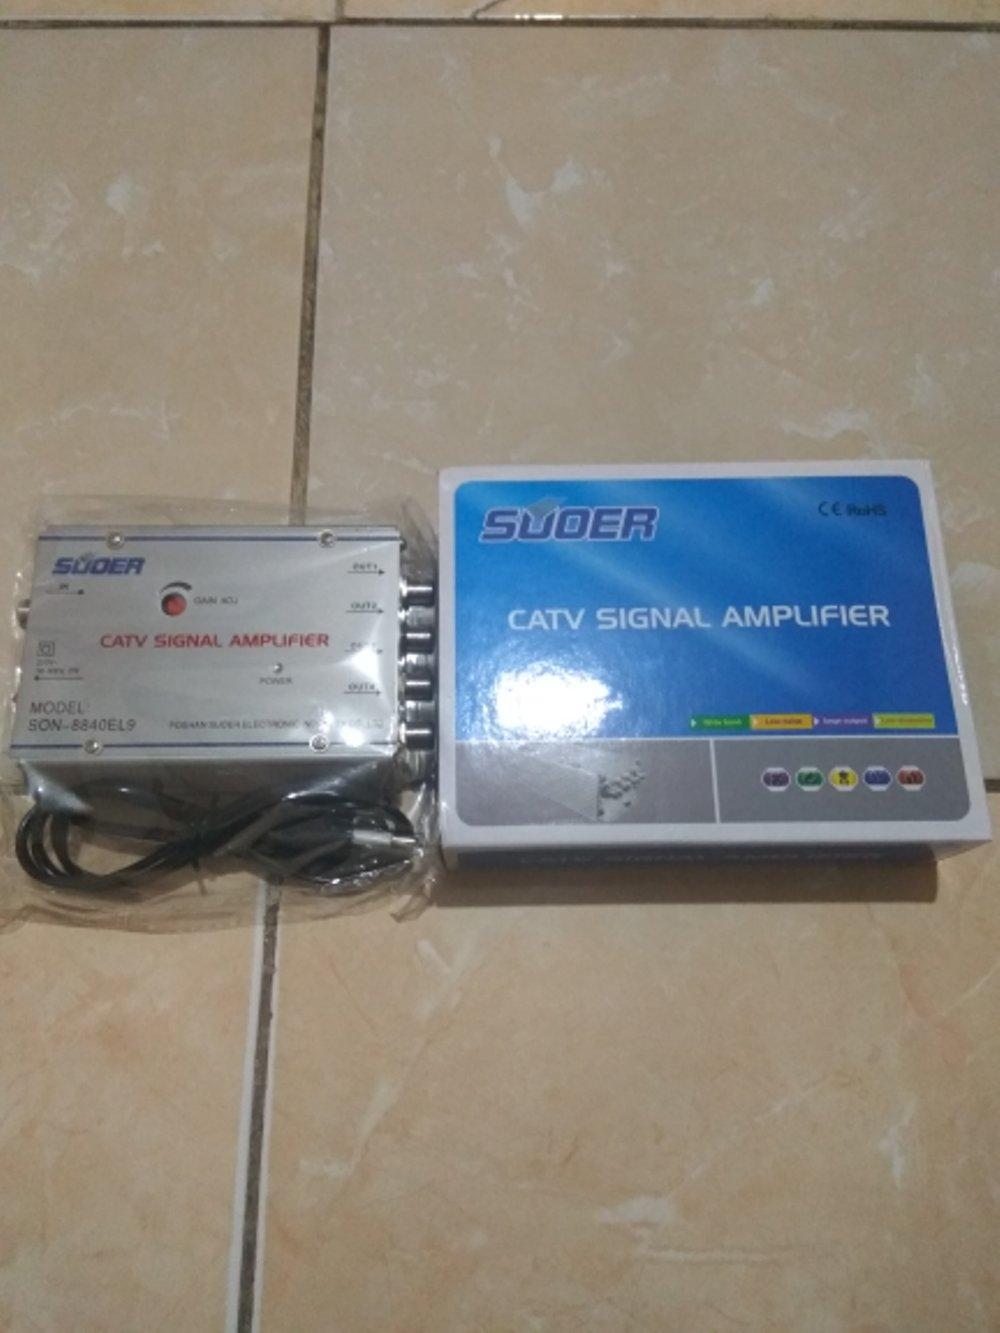 Rp 80.000. Splitter Catv Signal Amplifier Merek Suoer 4Way / 4 Cabang + Penguat Sinyal Kualitas ...